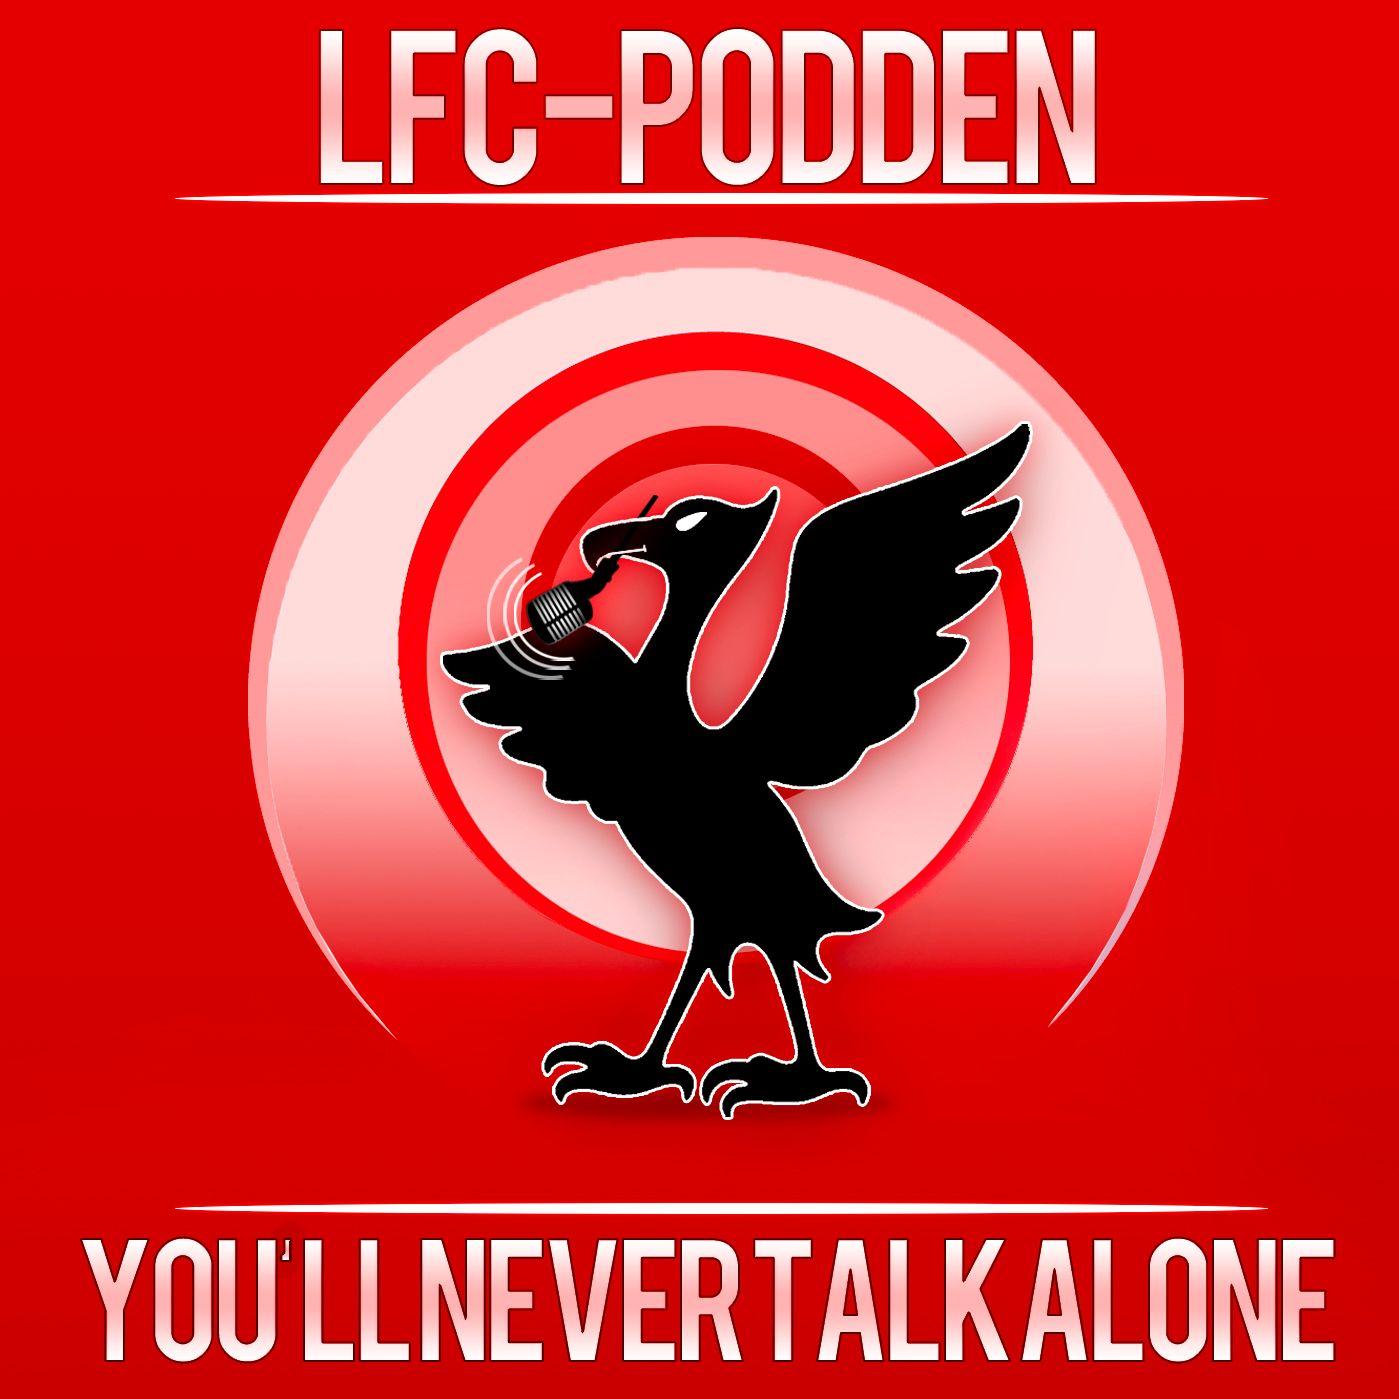 LFC Podden